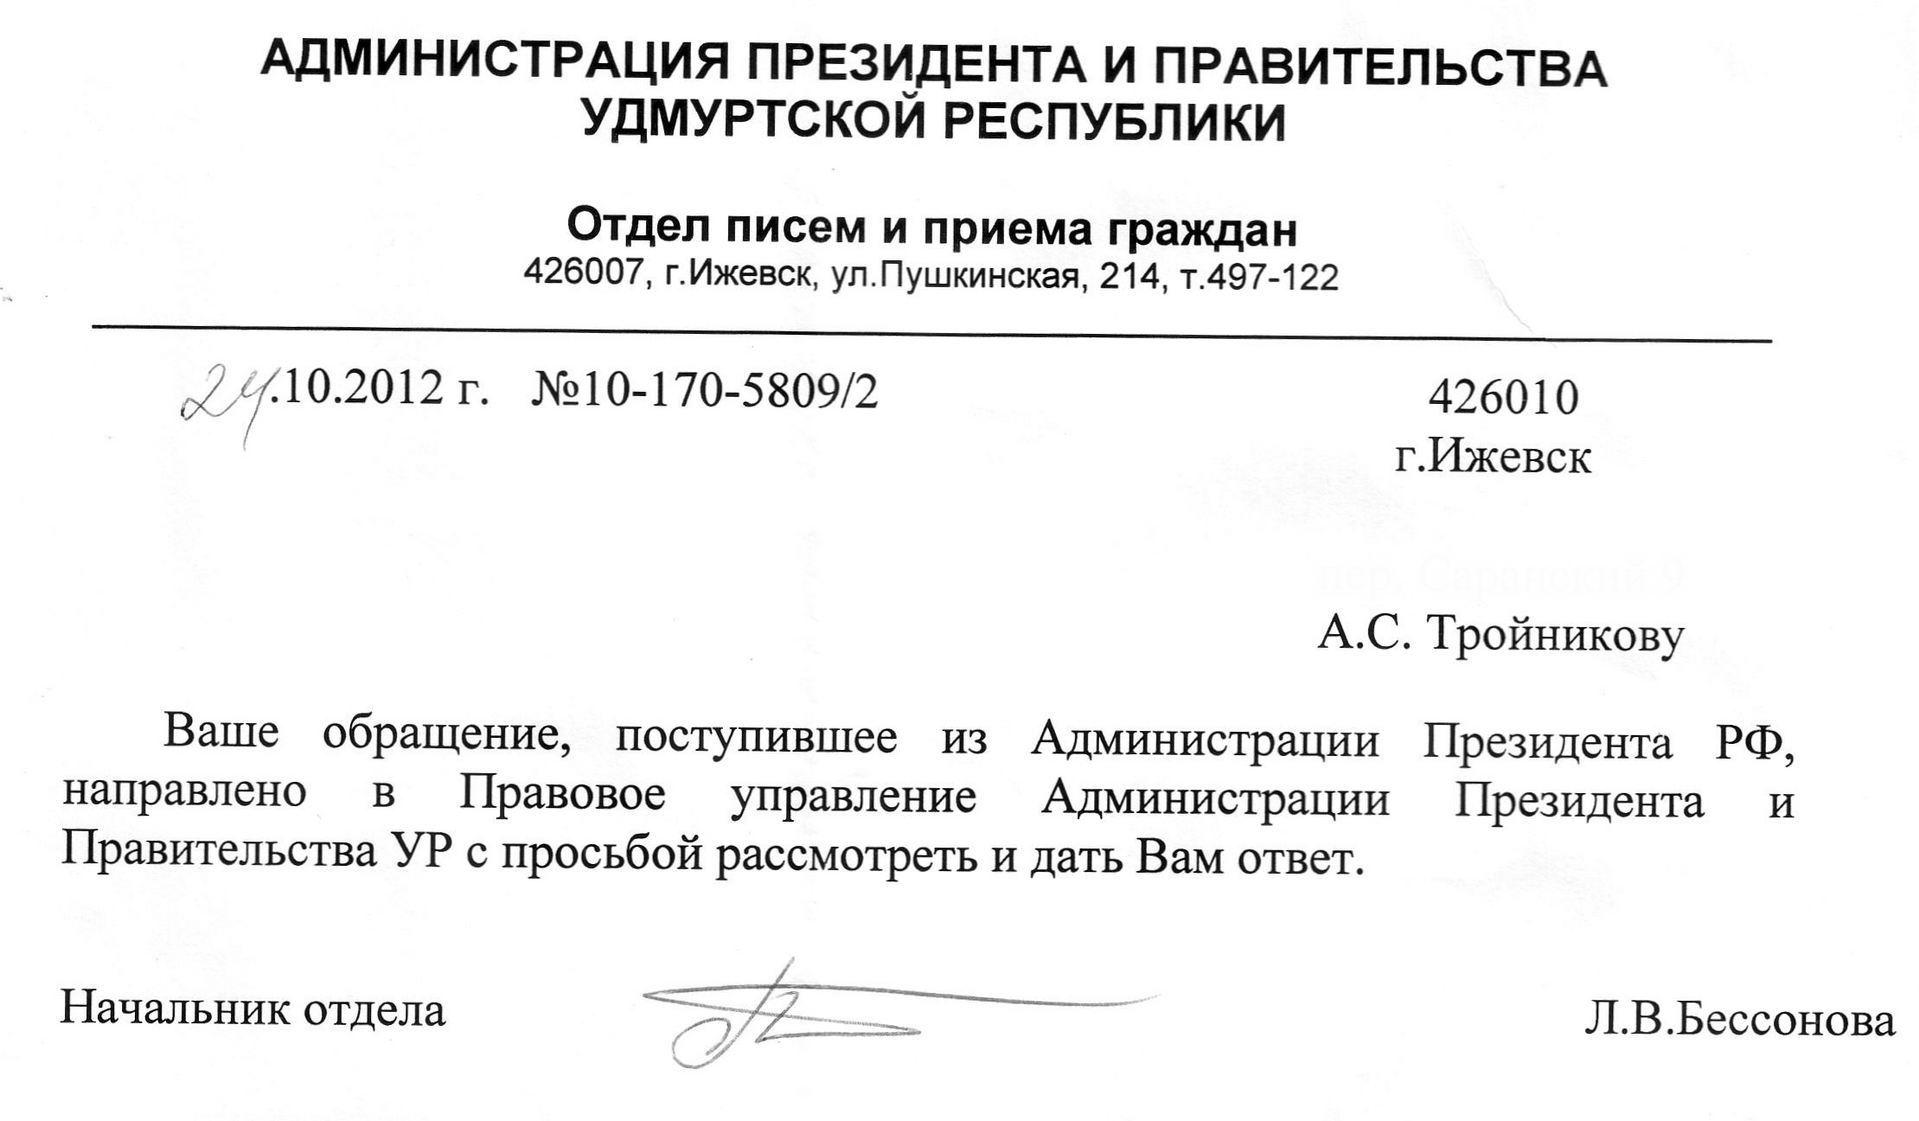 skachat-programmu-dlya-android-dlya-skachivaniya-muziki-vk